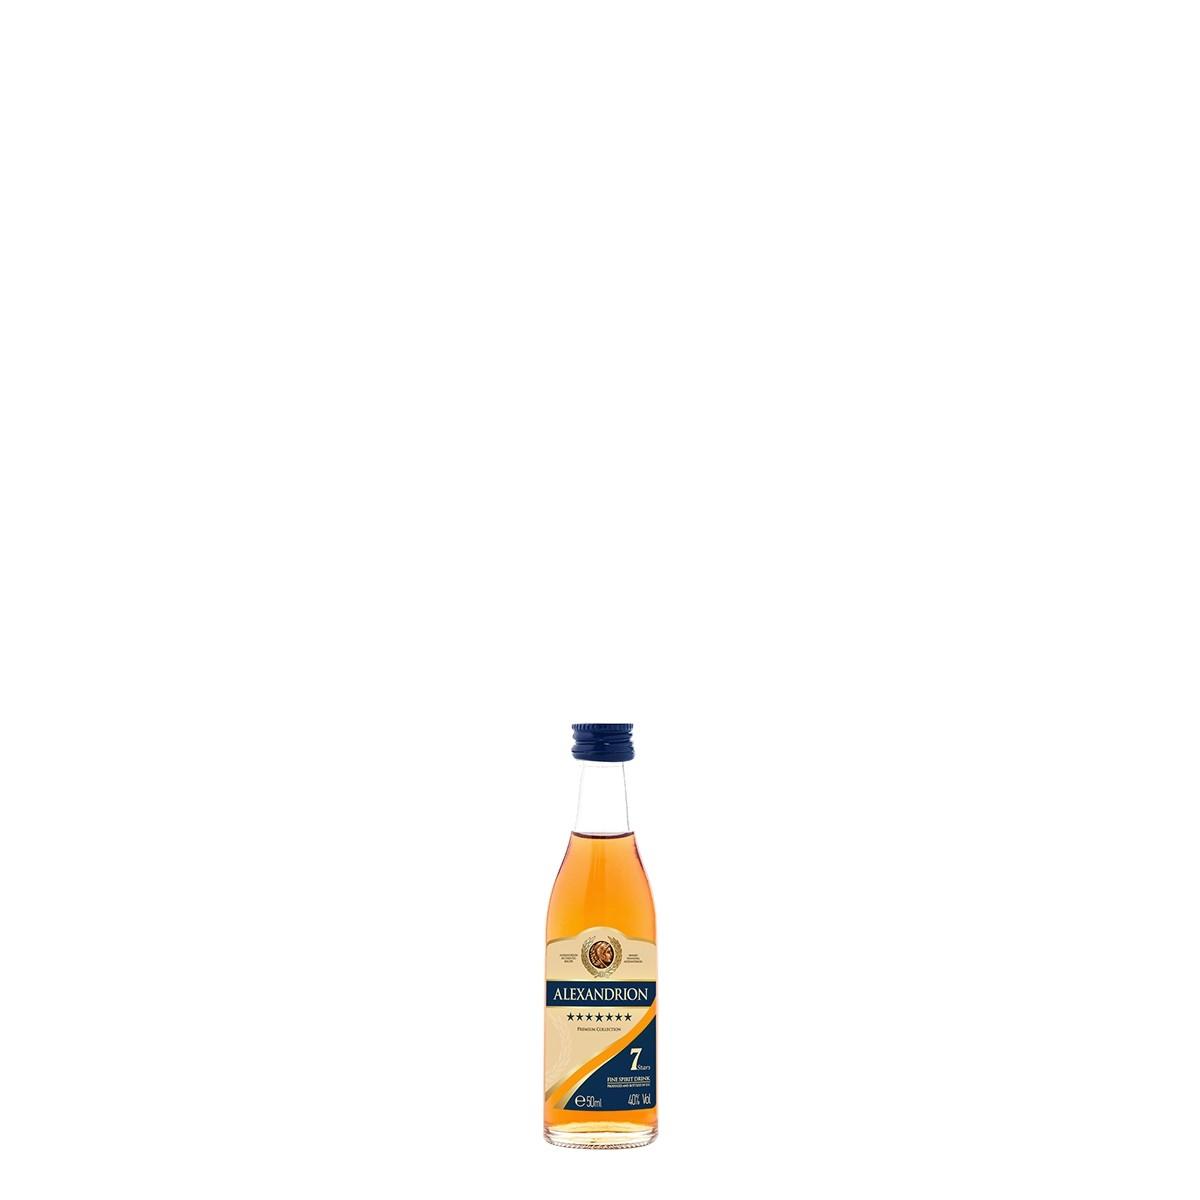 Alexandrion 7* 50 ml